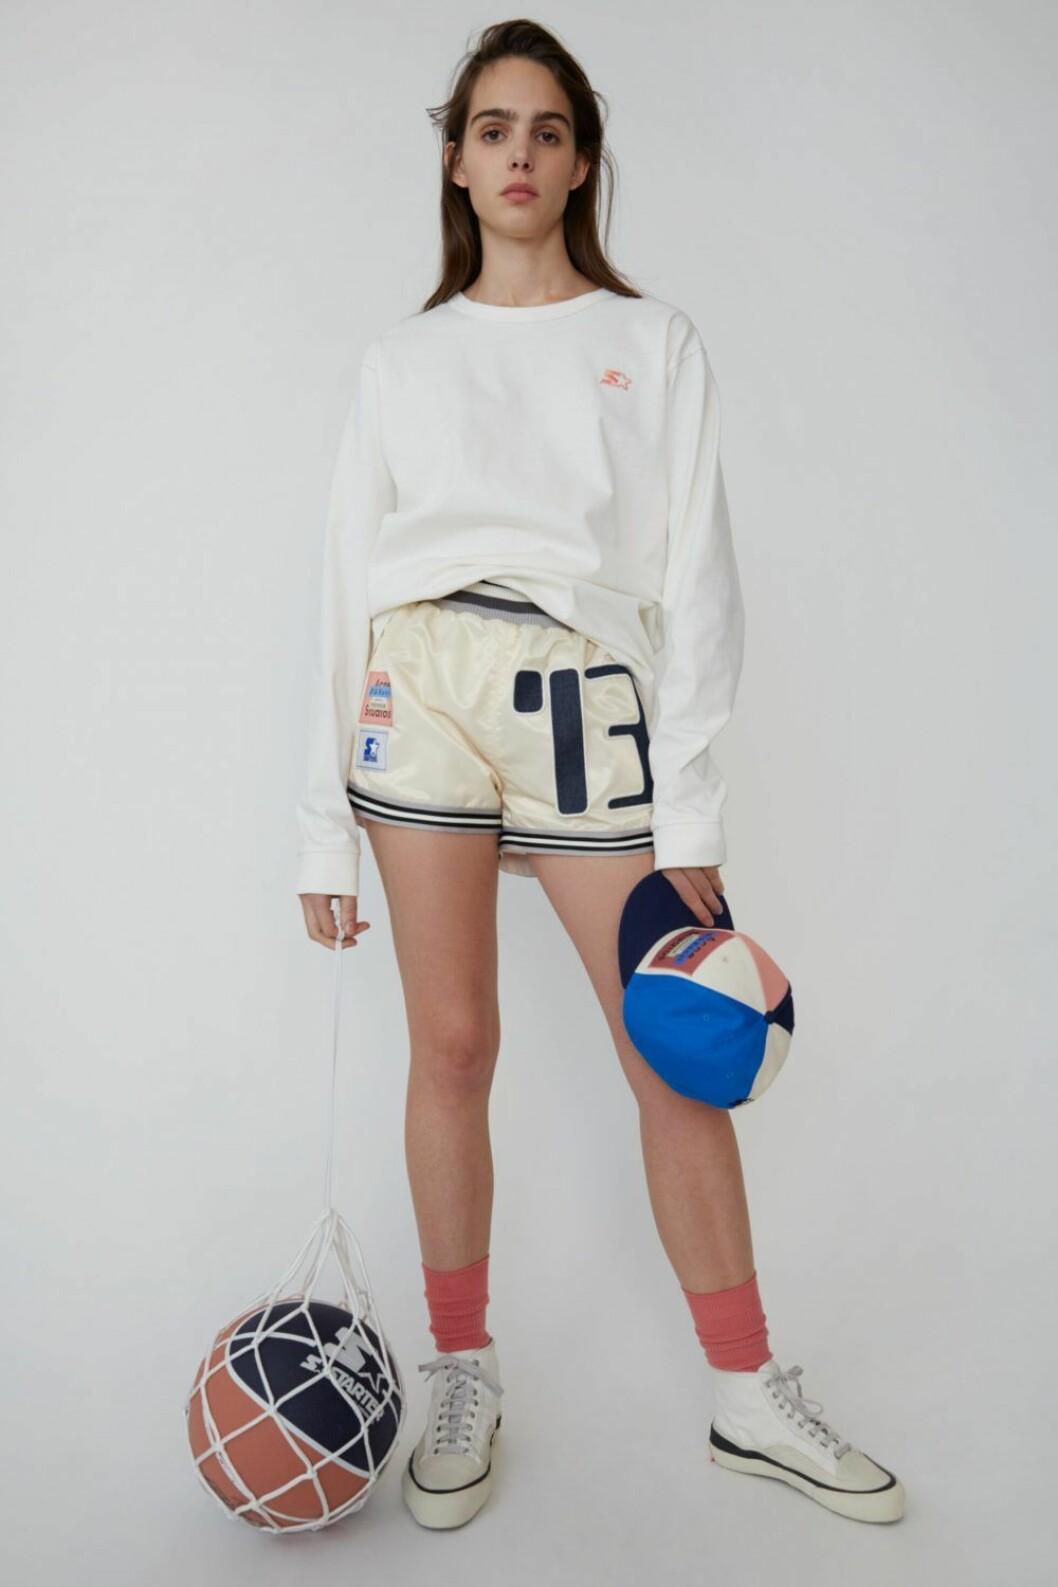 Vit tröja och sportshorts från Acne Studios x Starter.